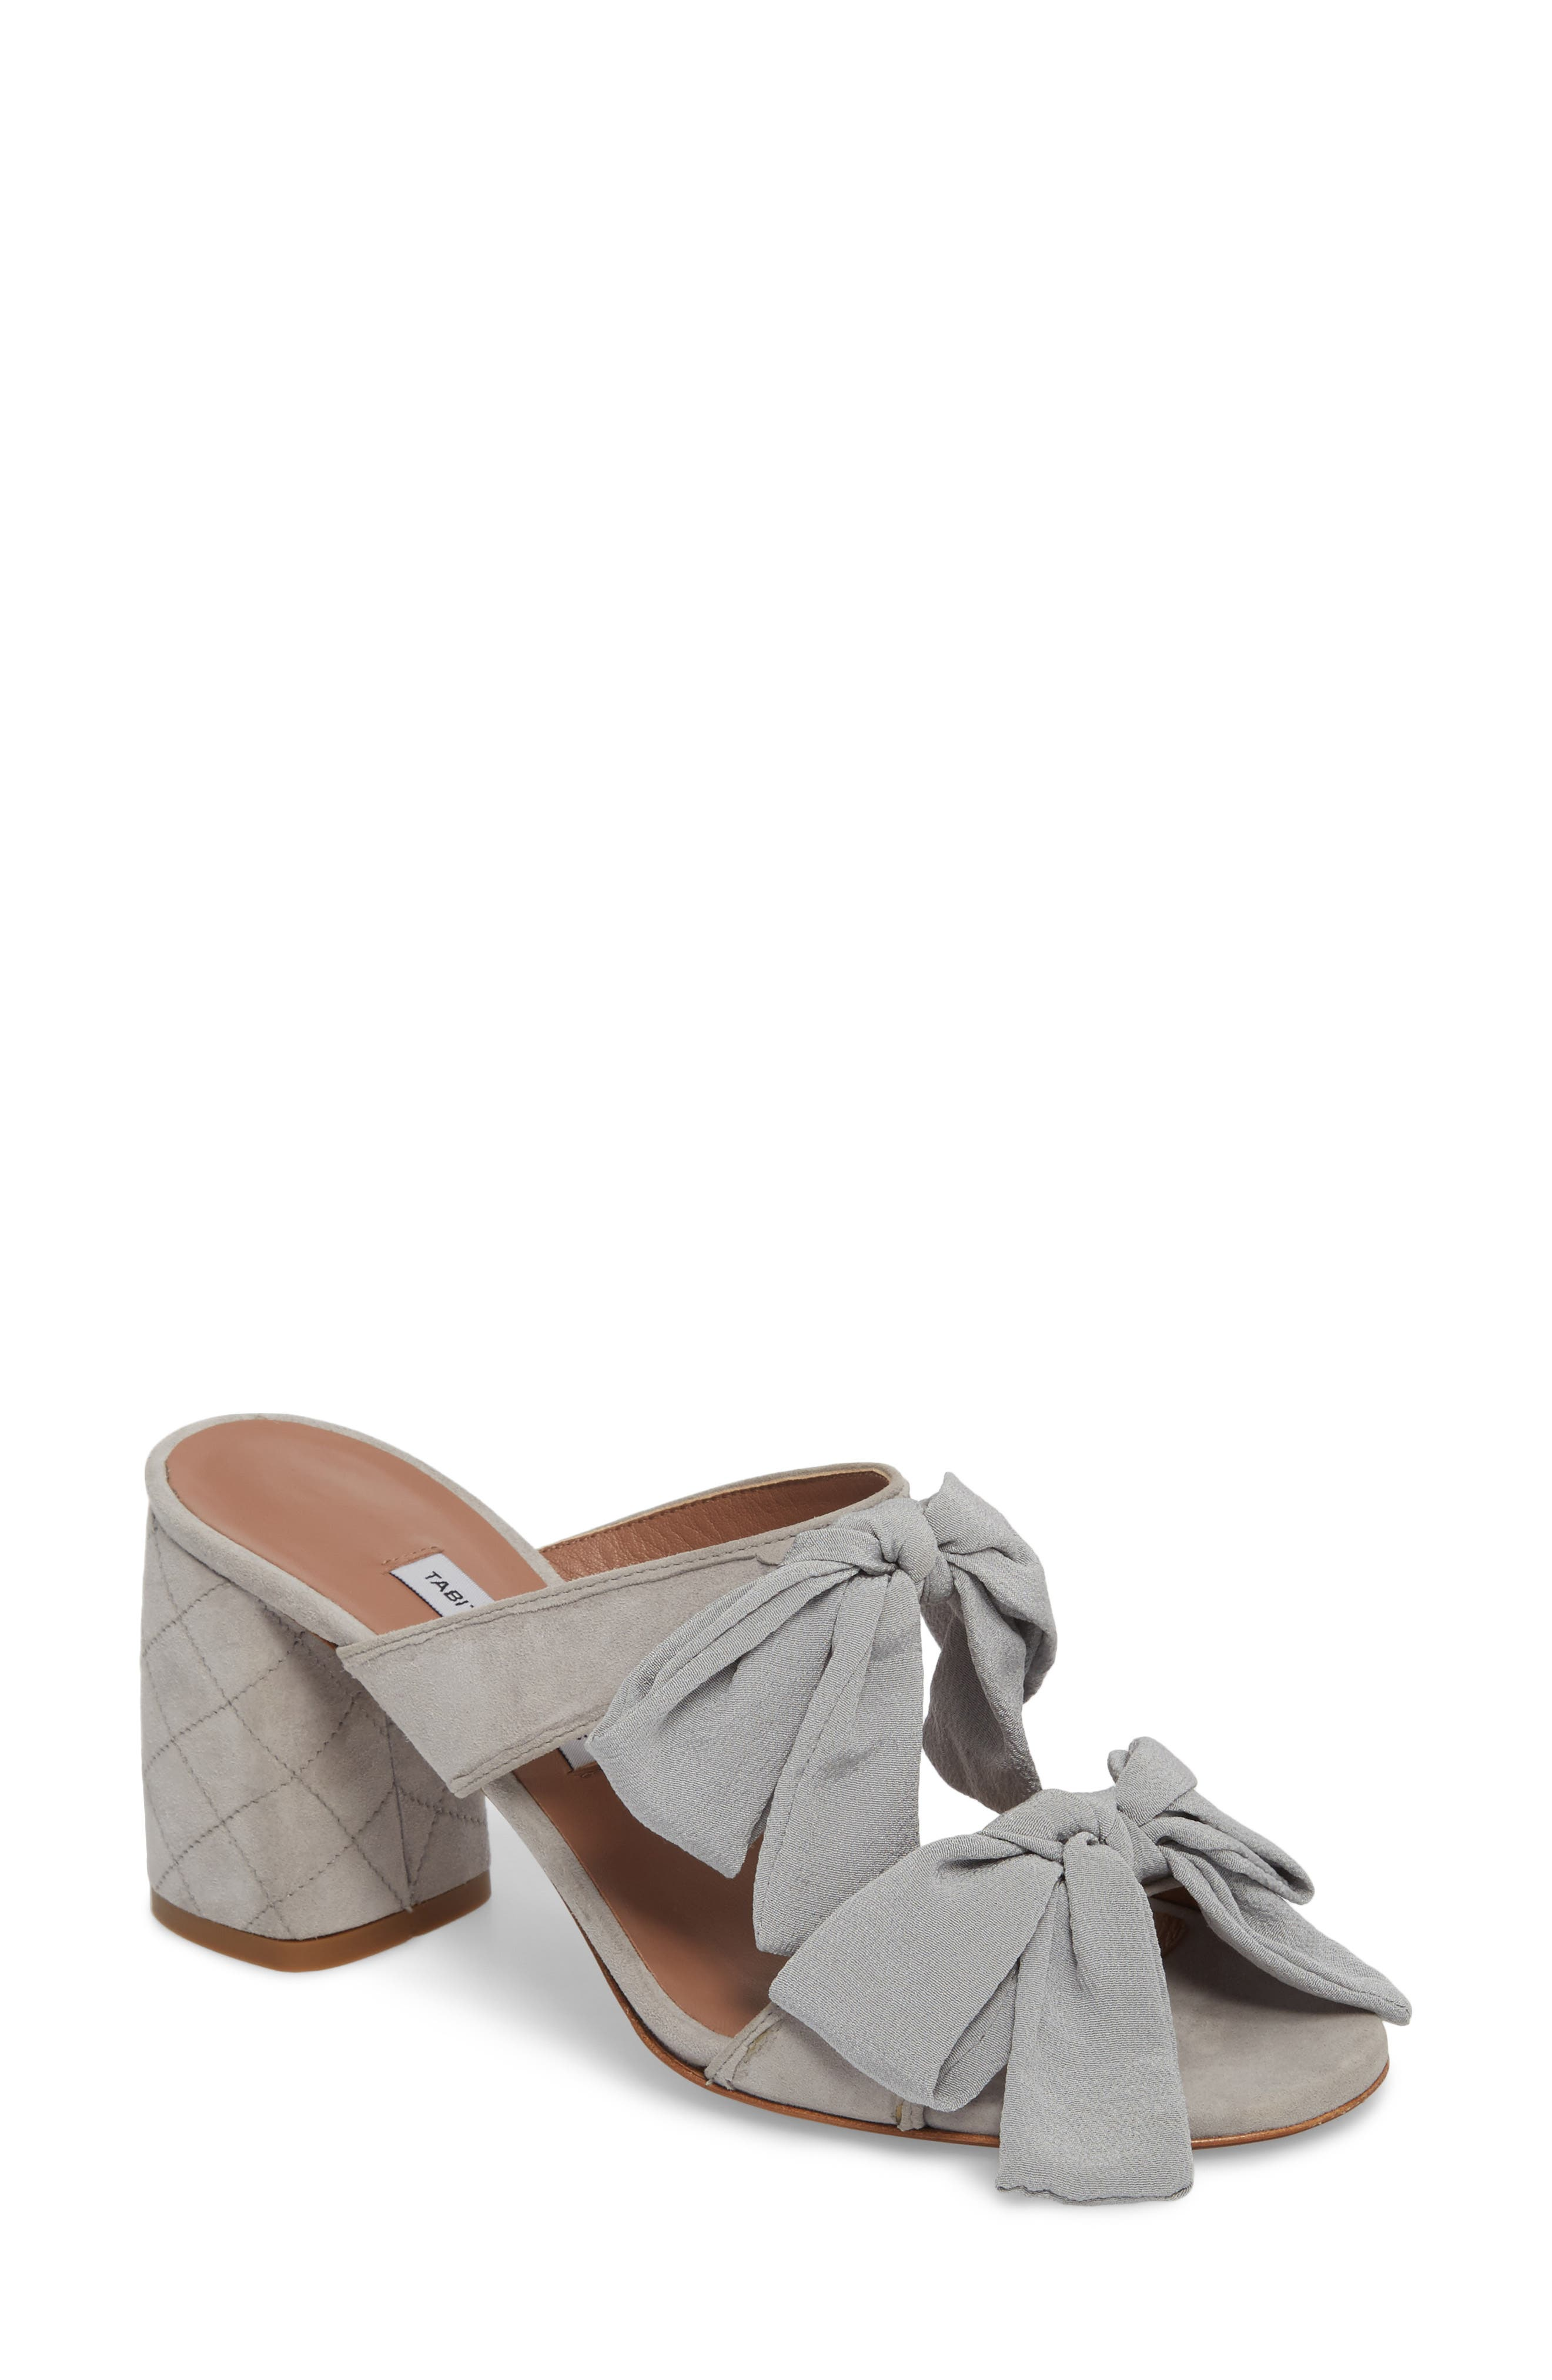 Barbi Bow Sandal,                             Main thumbnail 1, color,